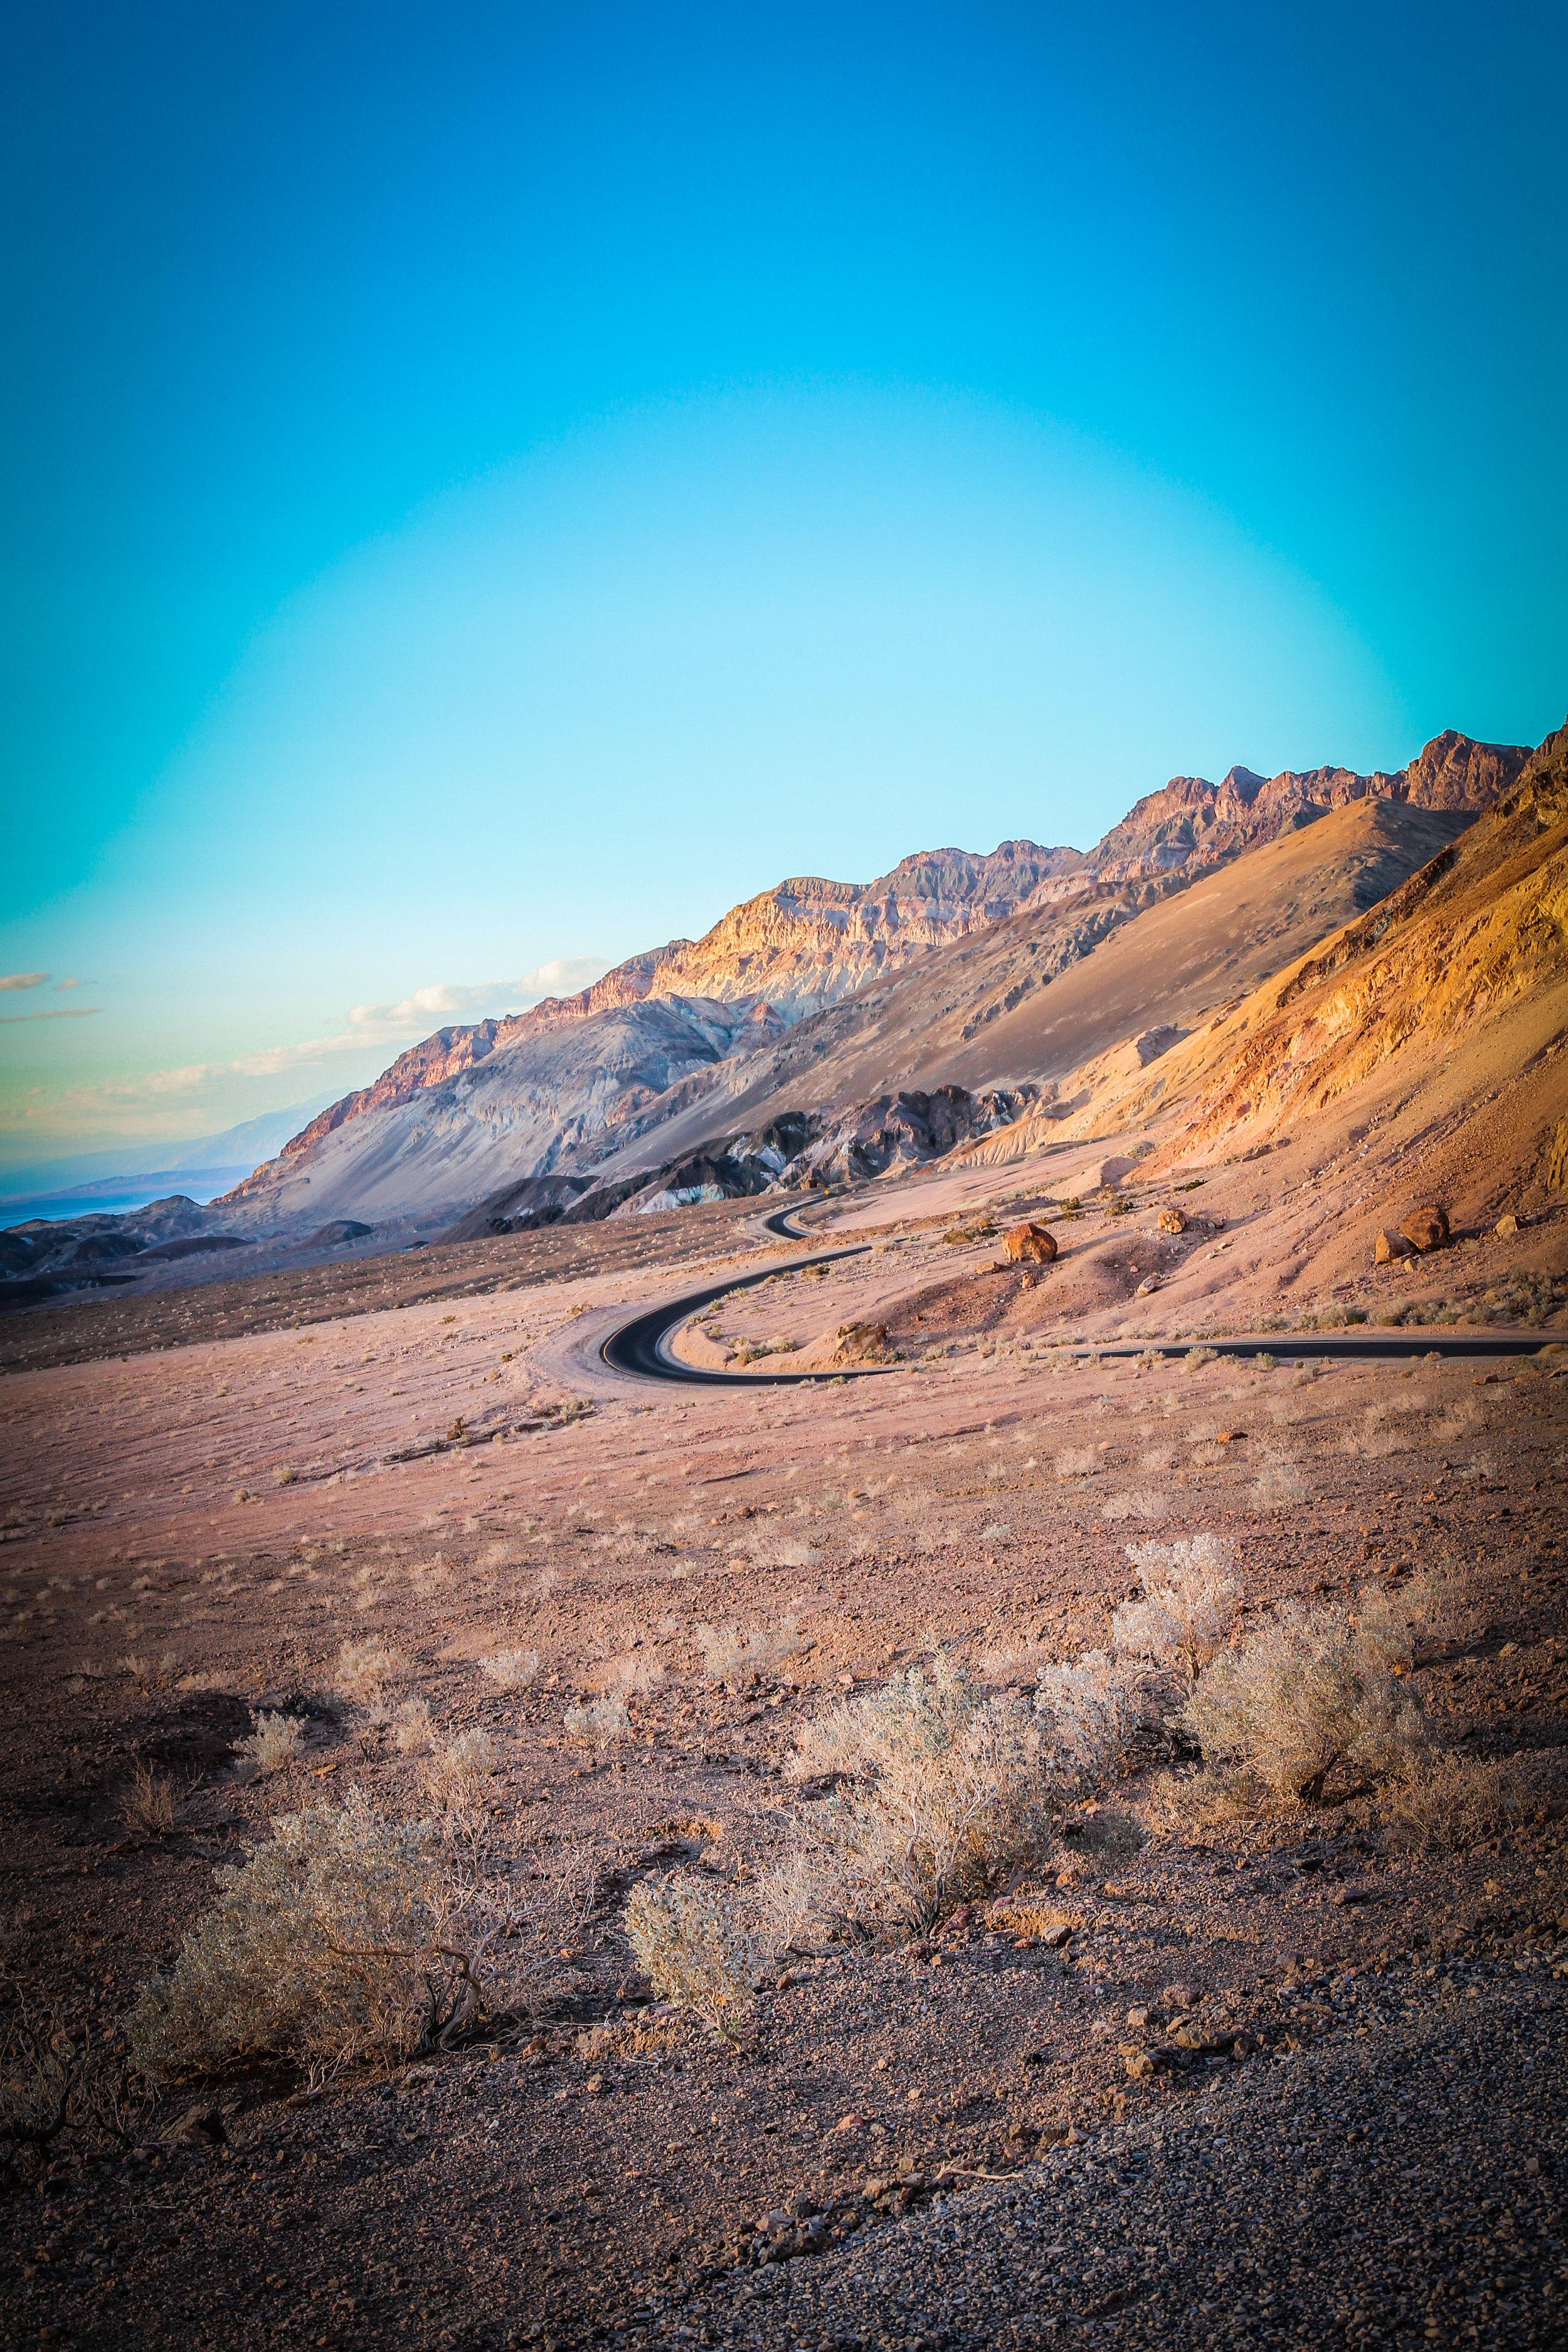 Death Valley_Badwater_zabriskie point-20.JPG